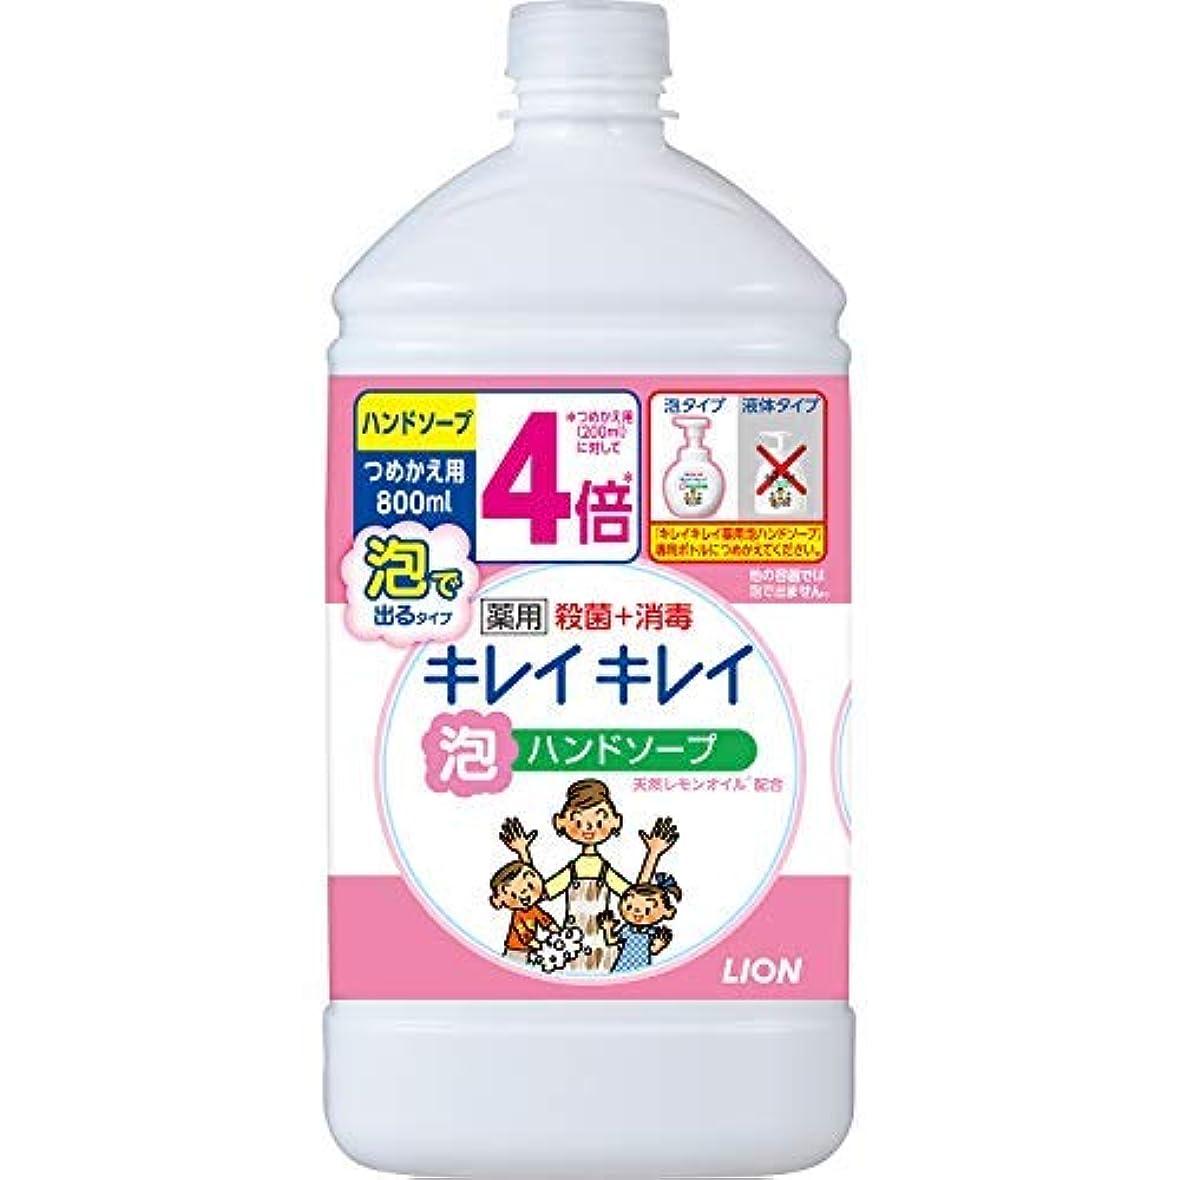 照らす一族一掃するキレイキレイ 薬用泡ハンドソープ つめかえ用特大サイズ シトラスフルーティ × 8個セット